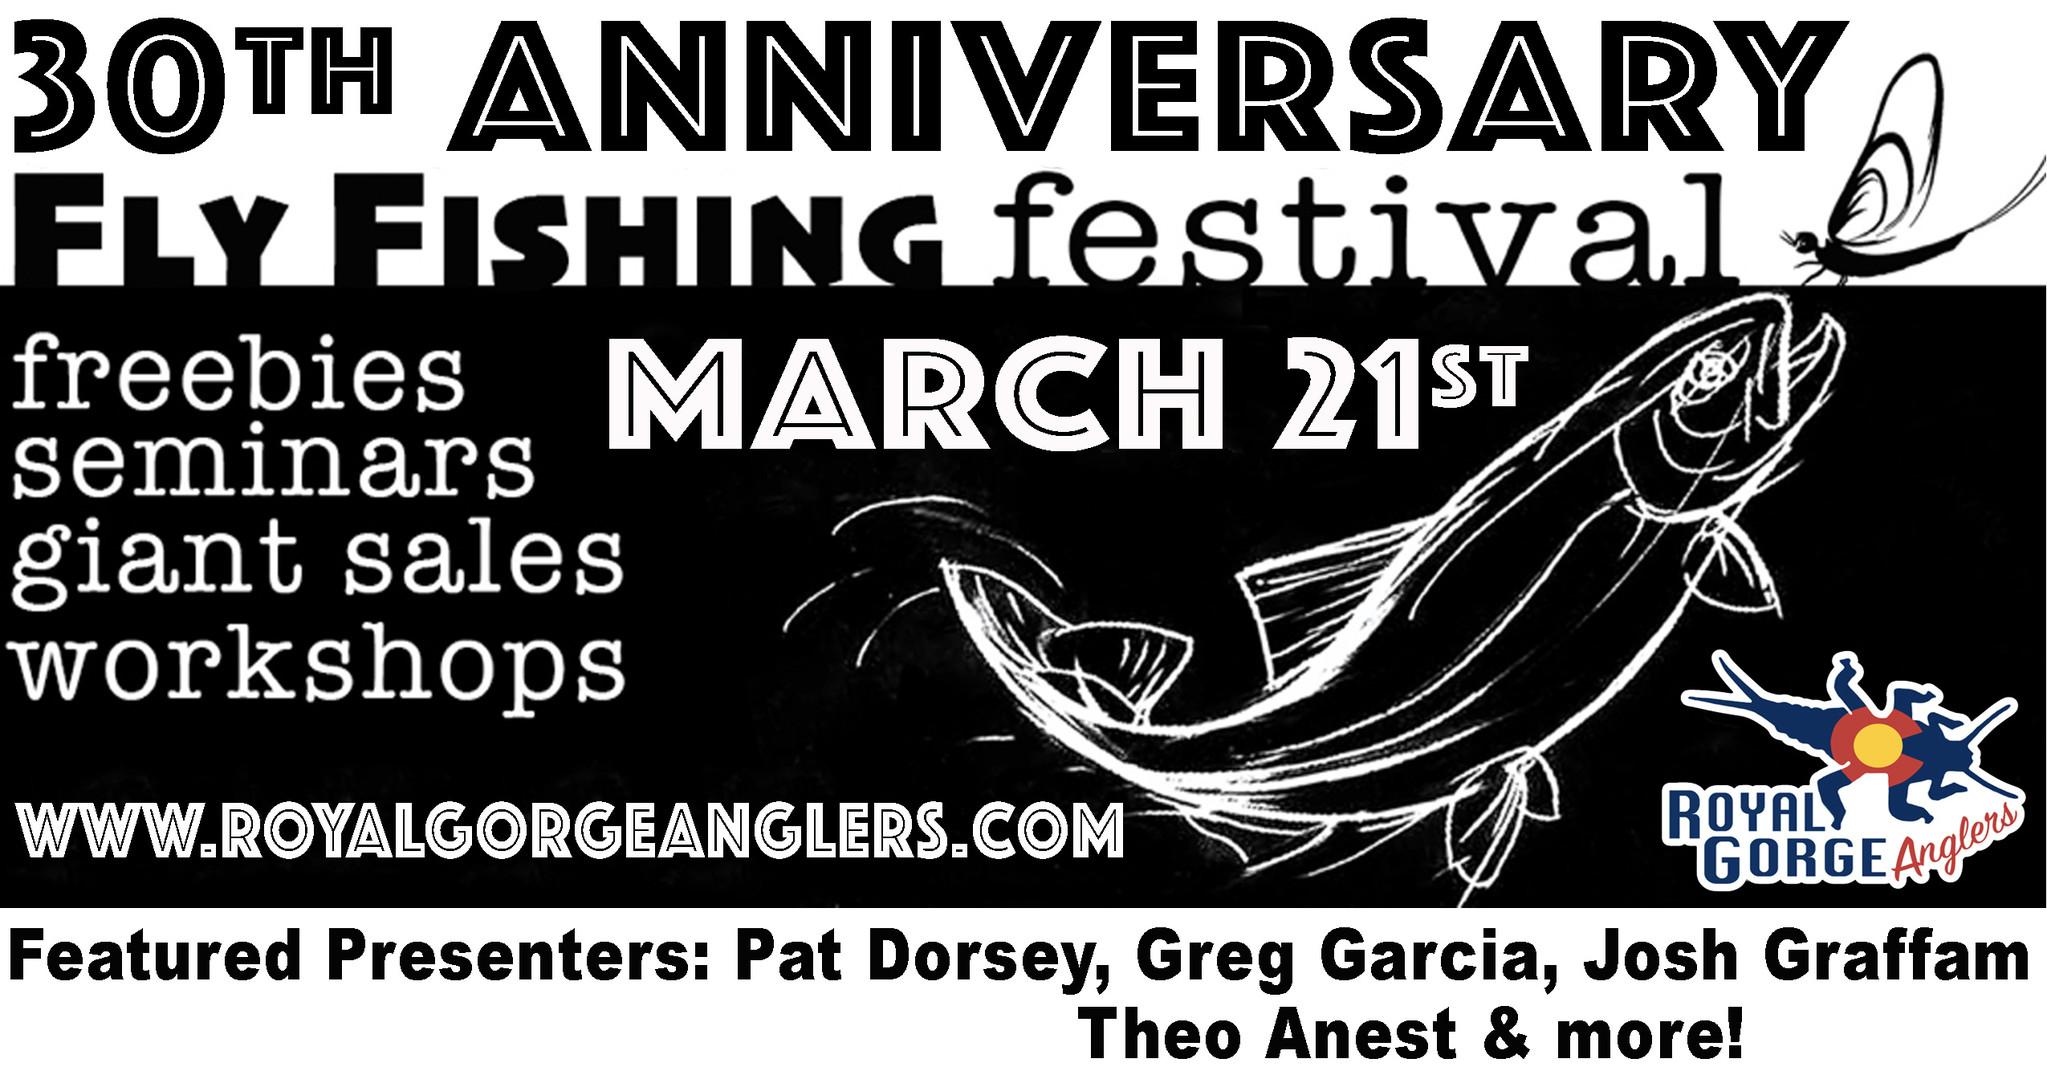 Arkansas River Fly Fishing Festival